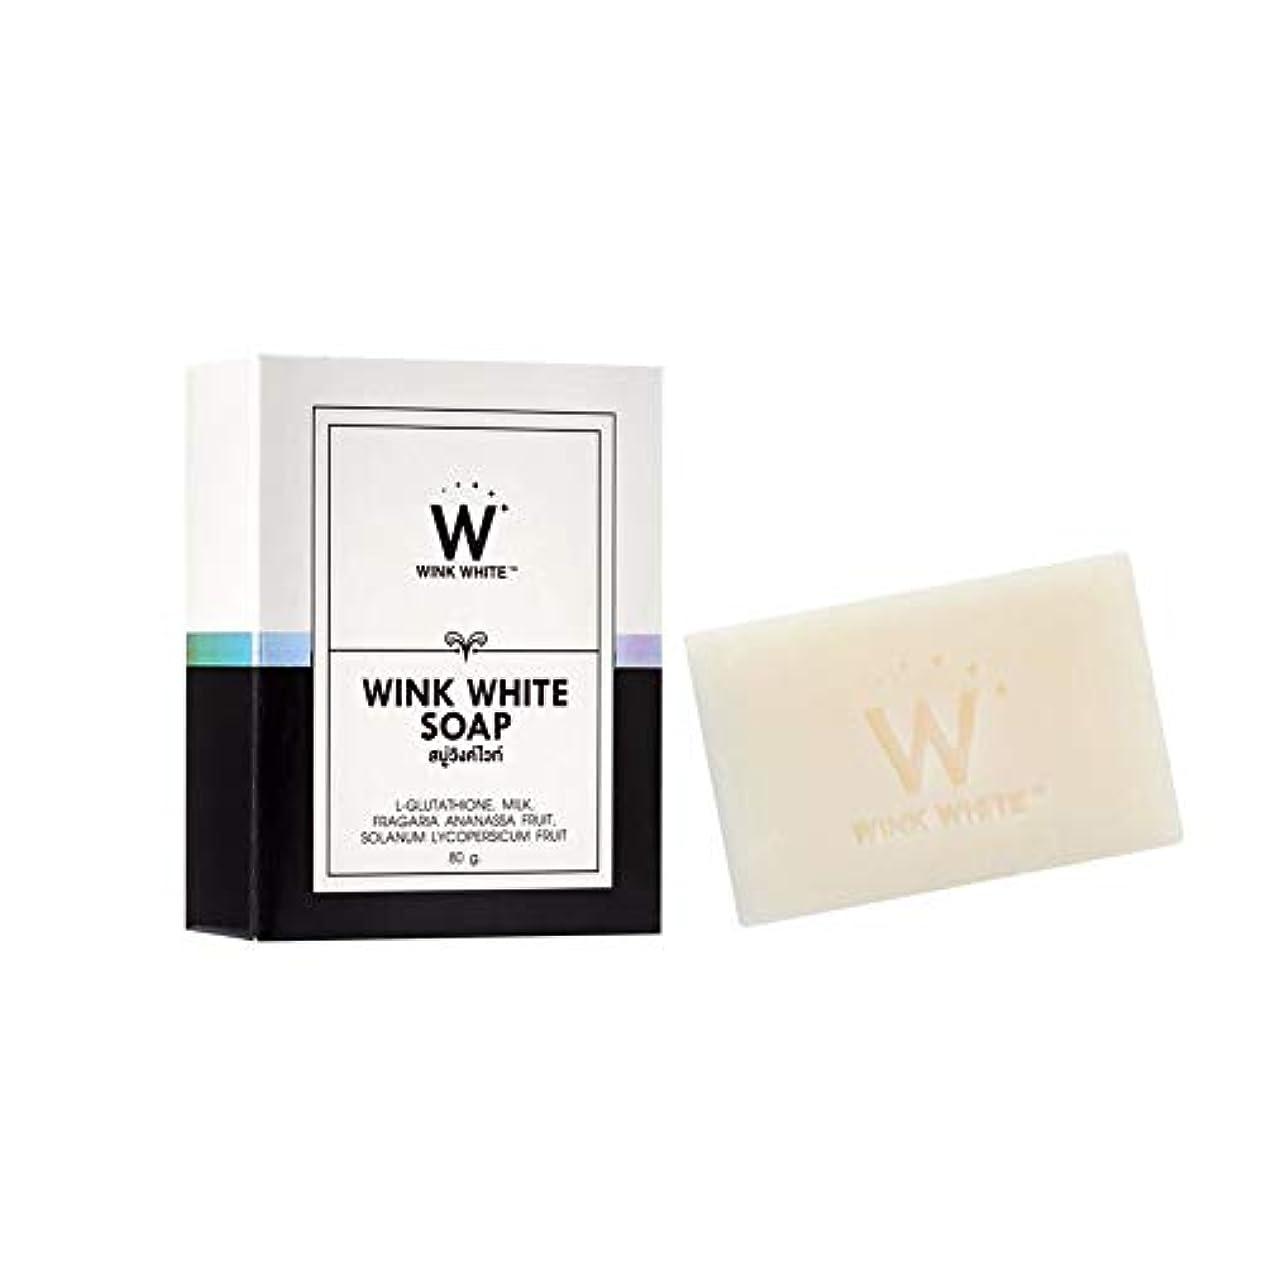 最大の航空施設Soap Net Nature White Soap Base Wink White Soap Gluta Pure Skin Body Whitening Strawberry for Whitening Skin All...